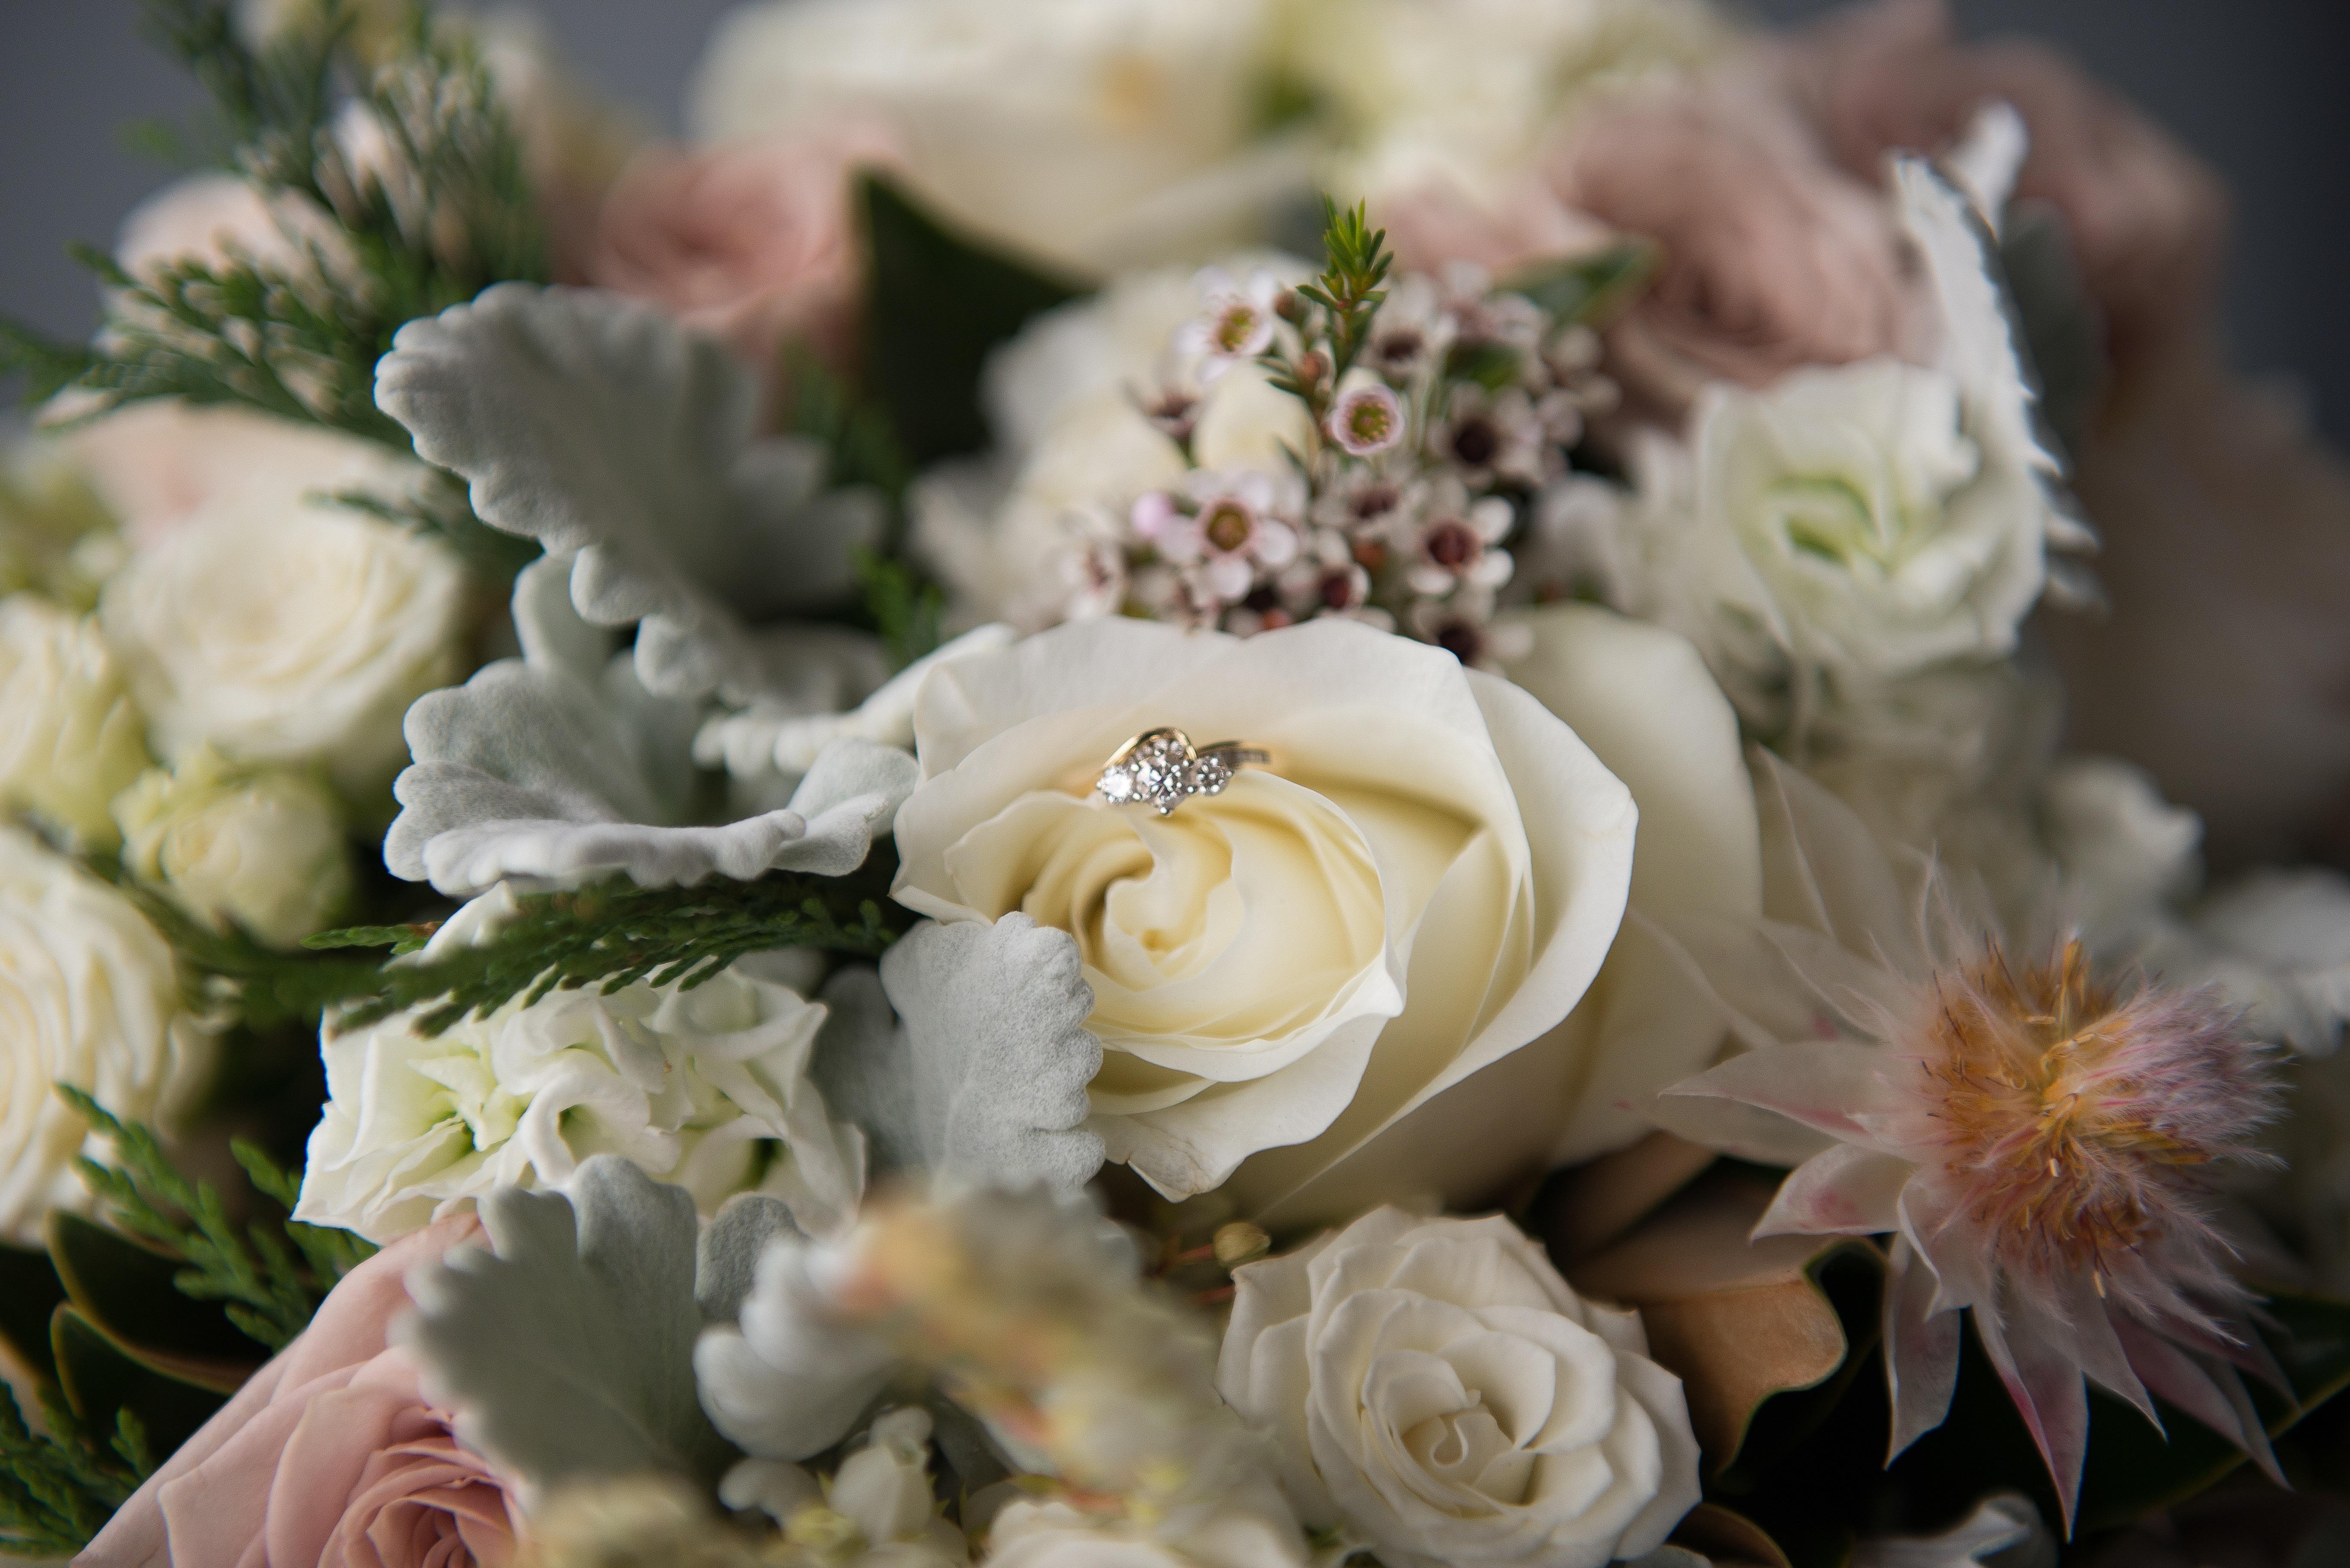 картинка кольцо и букет цветов